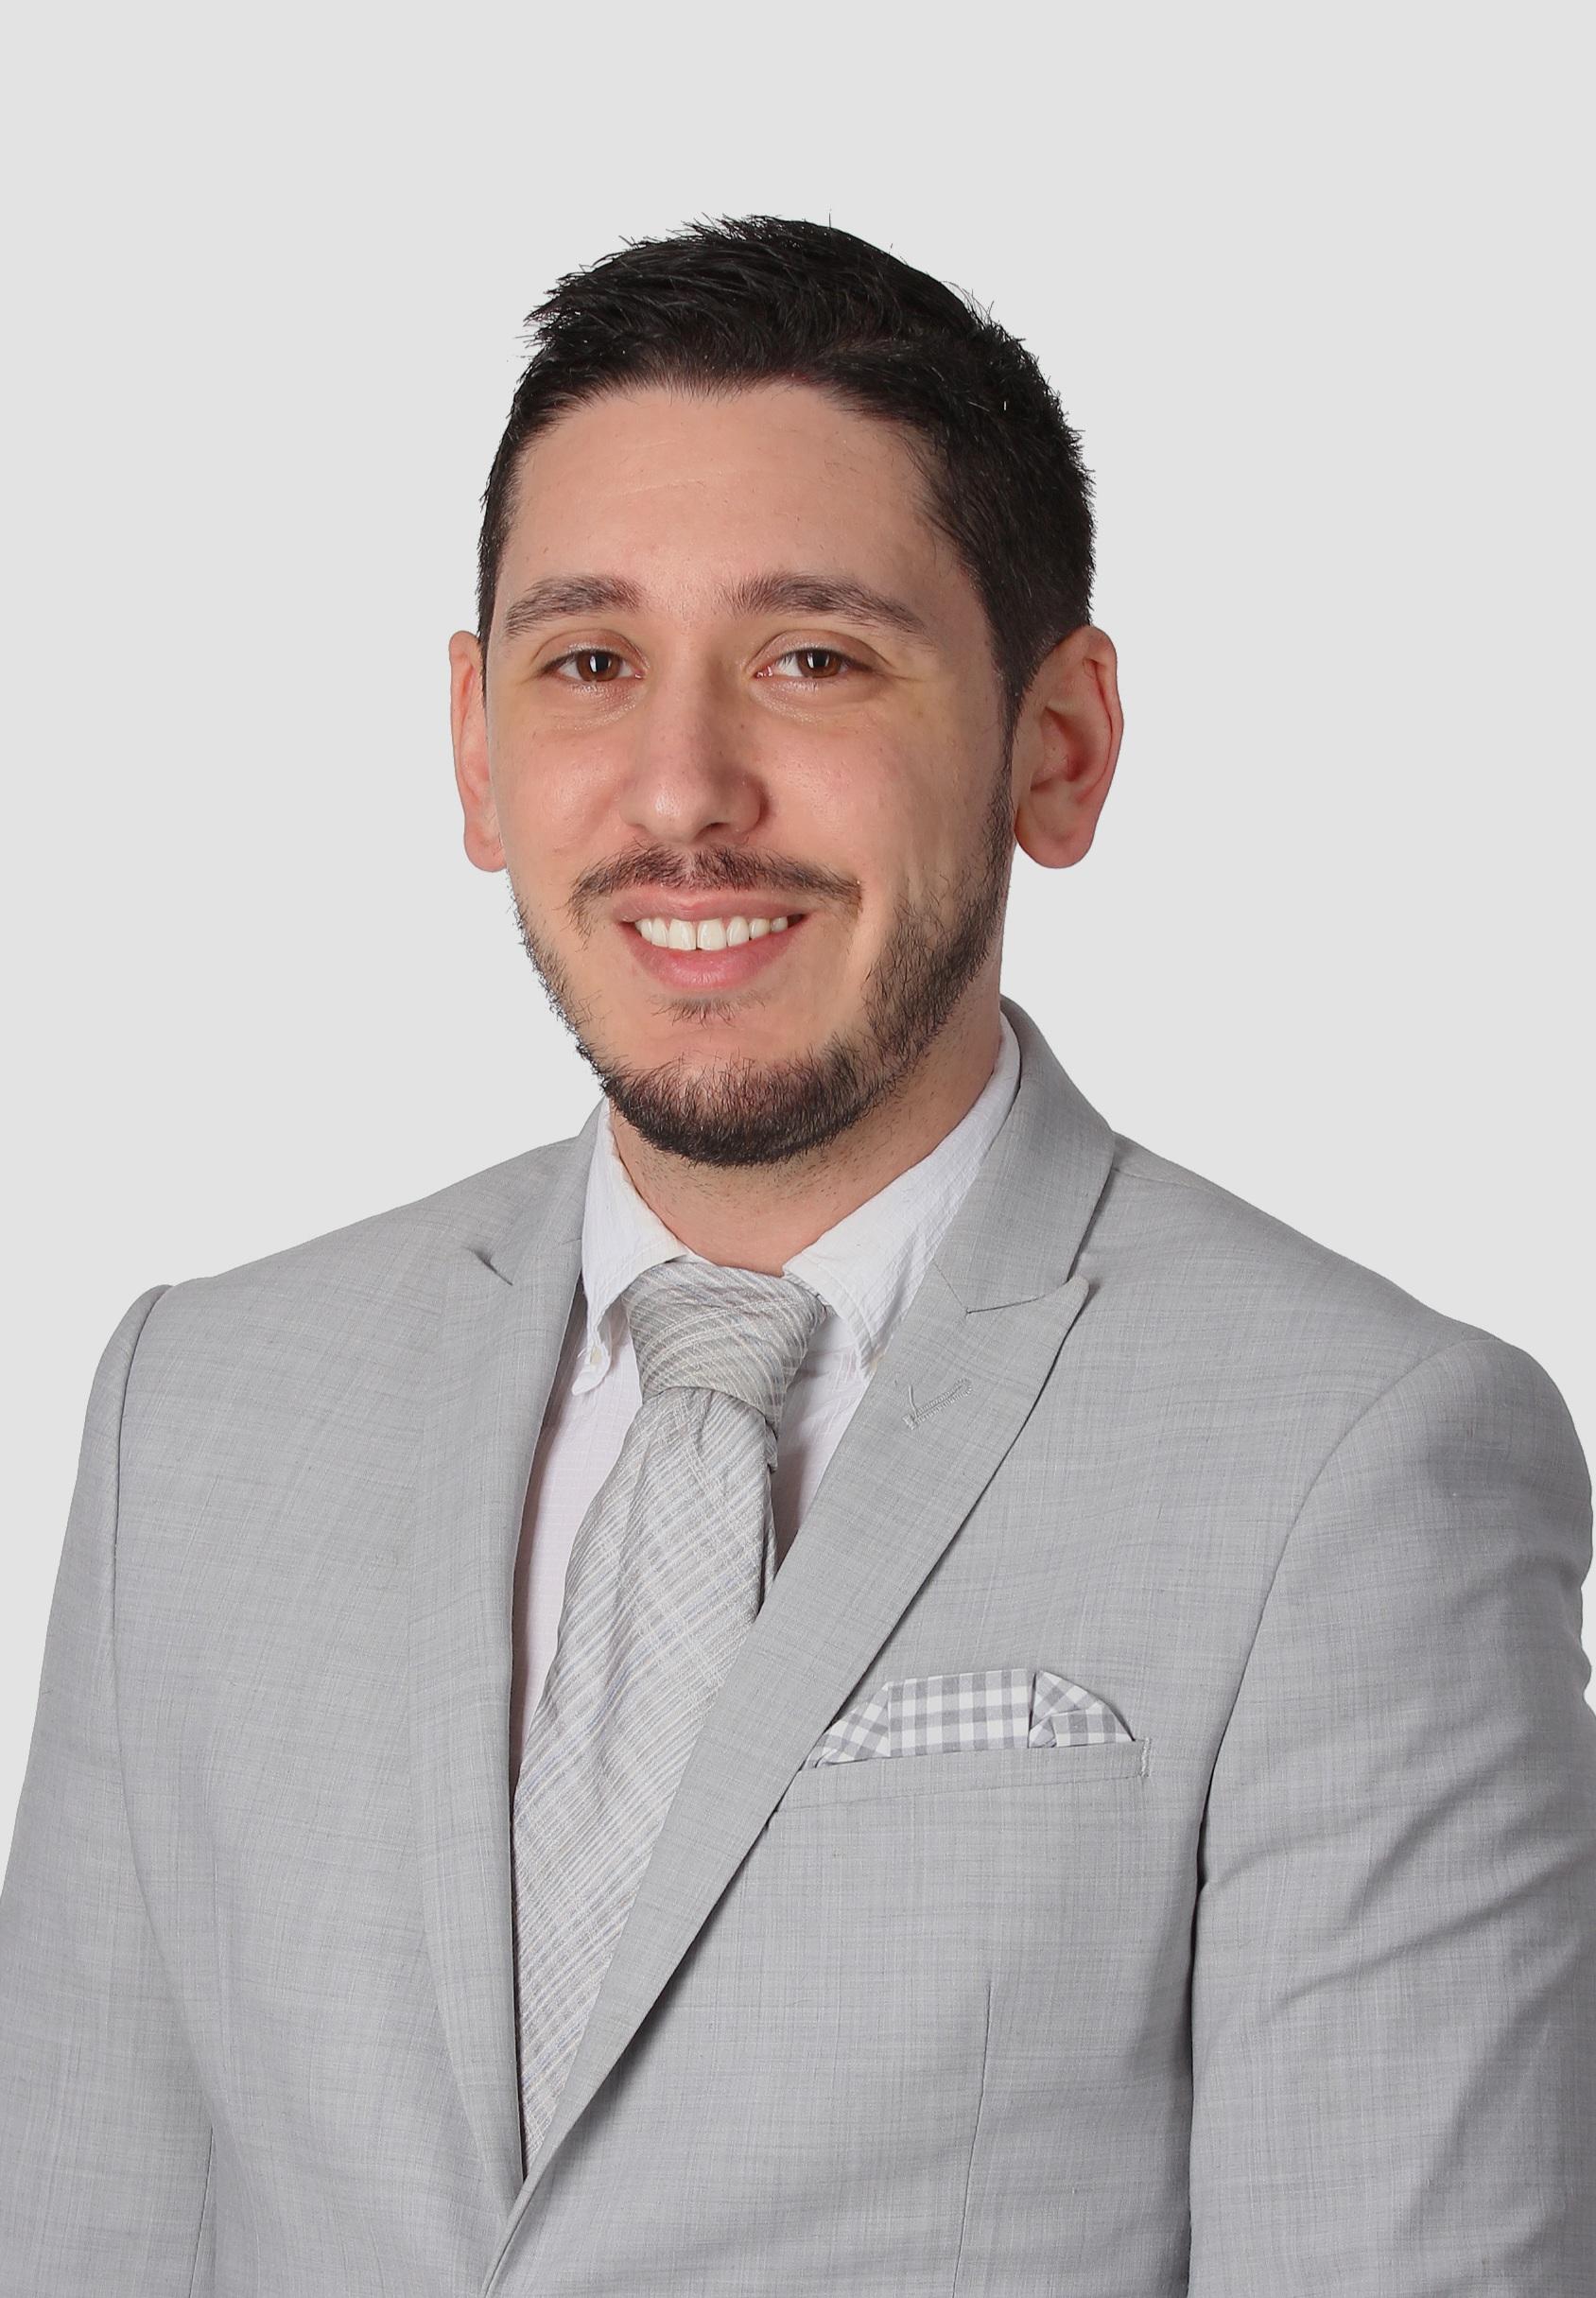 Hamza+-+Professional+Headshot.jpg